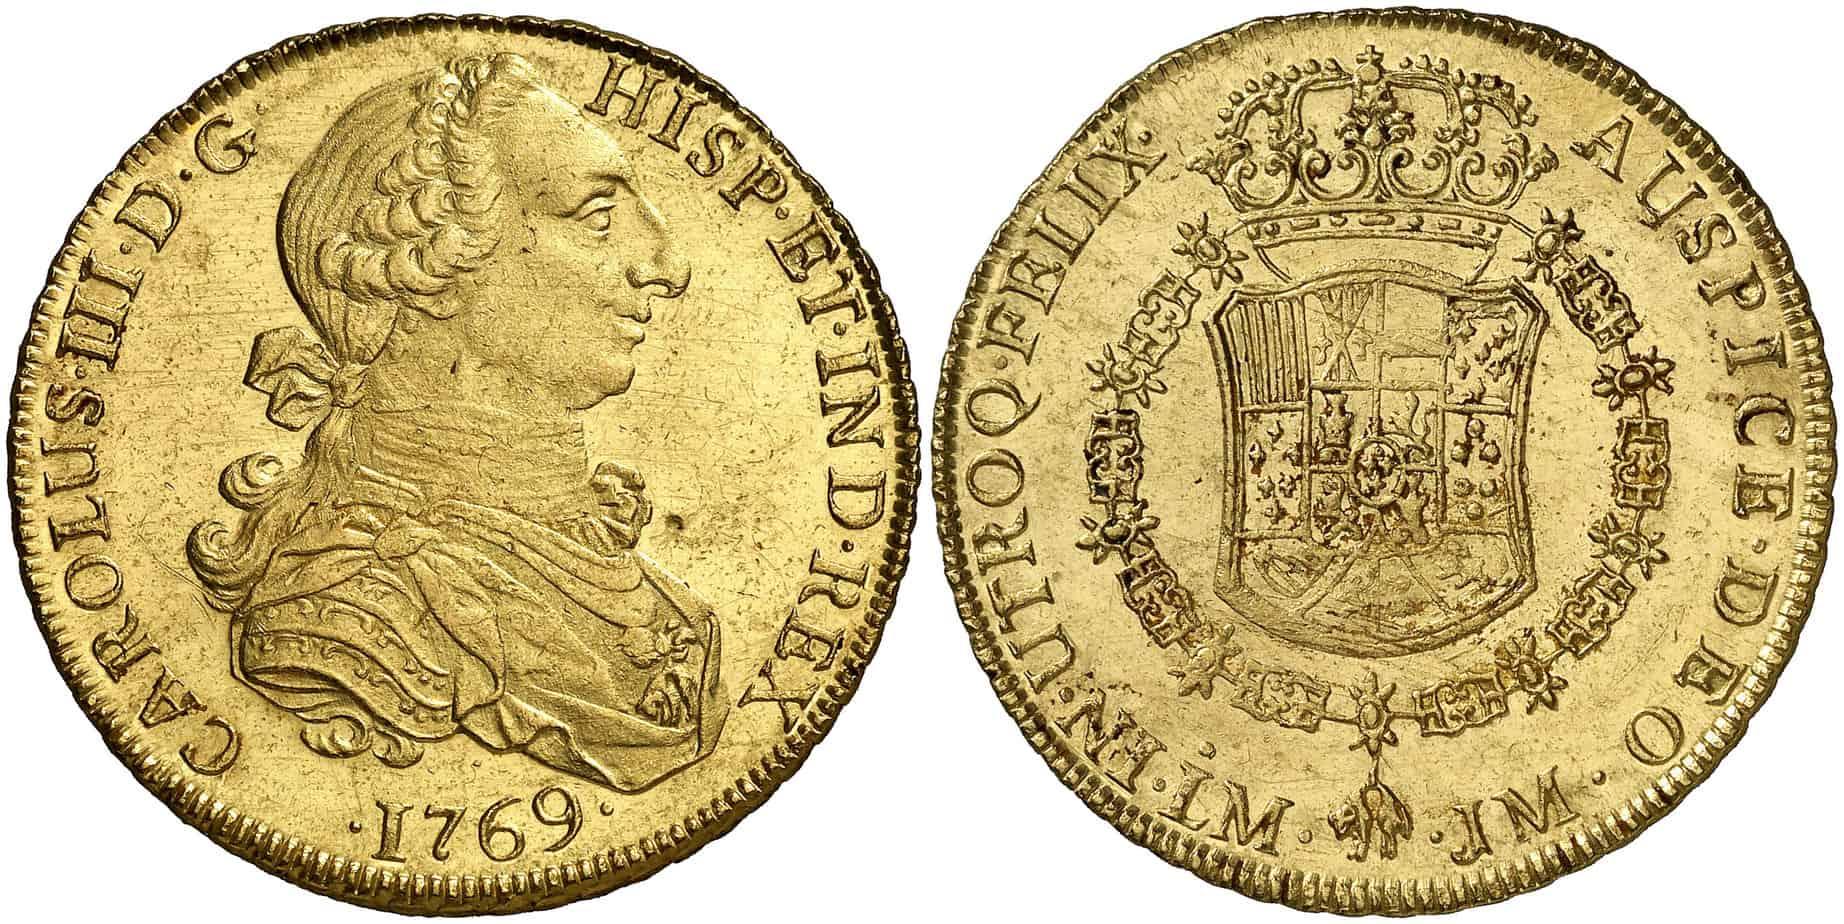 8 Escudos Lima, 1769